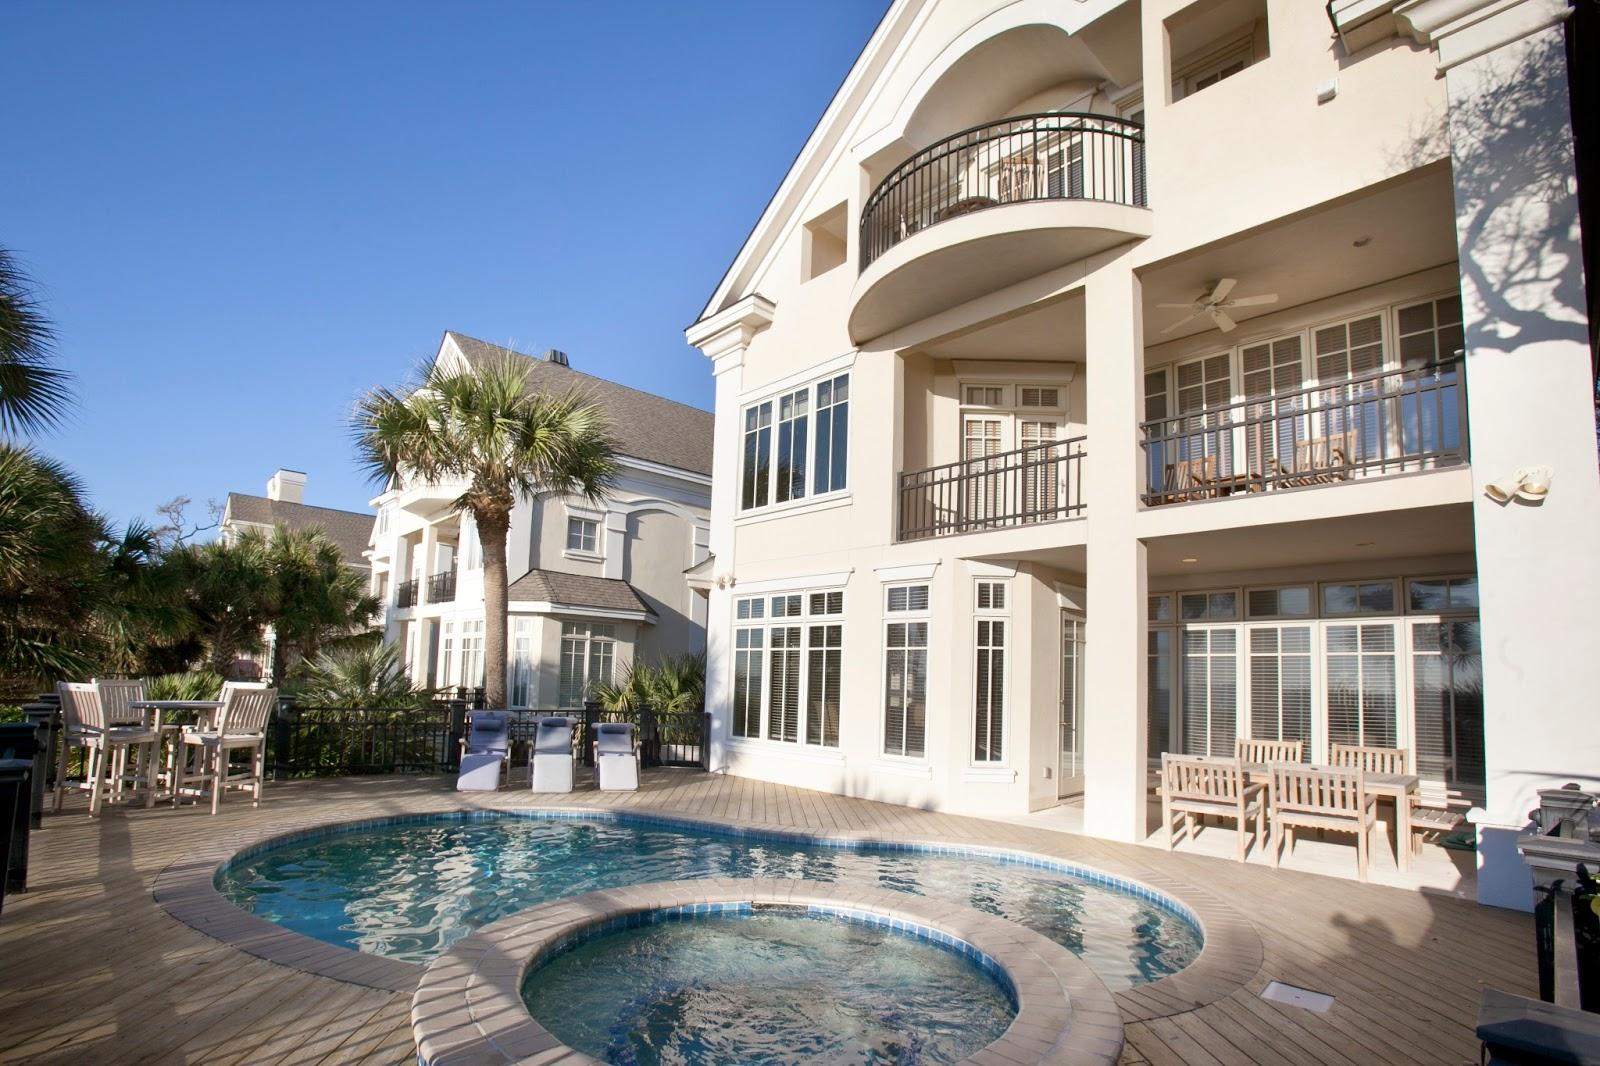 Wyndham Vacation Rentals Hilton Head Island Hilton Head Island Sc